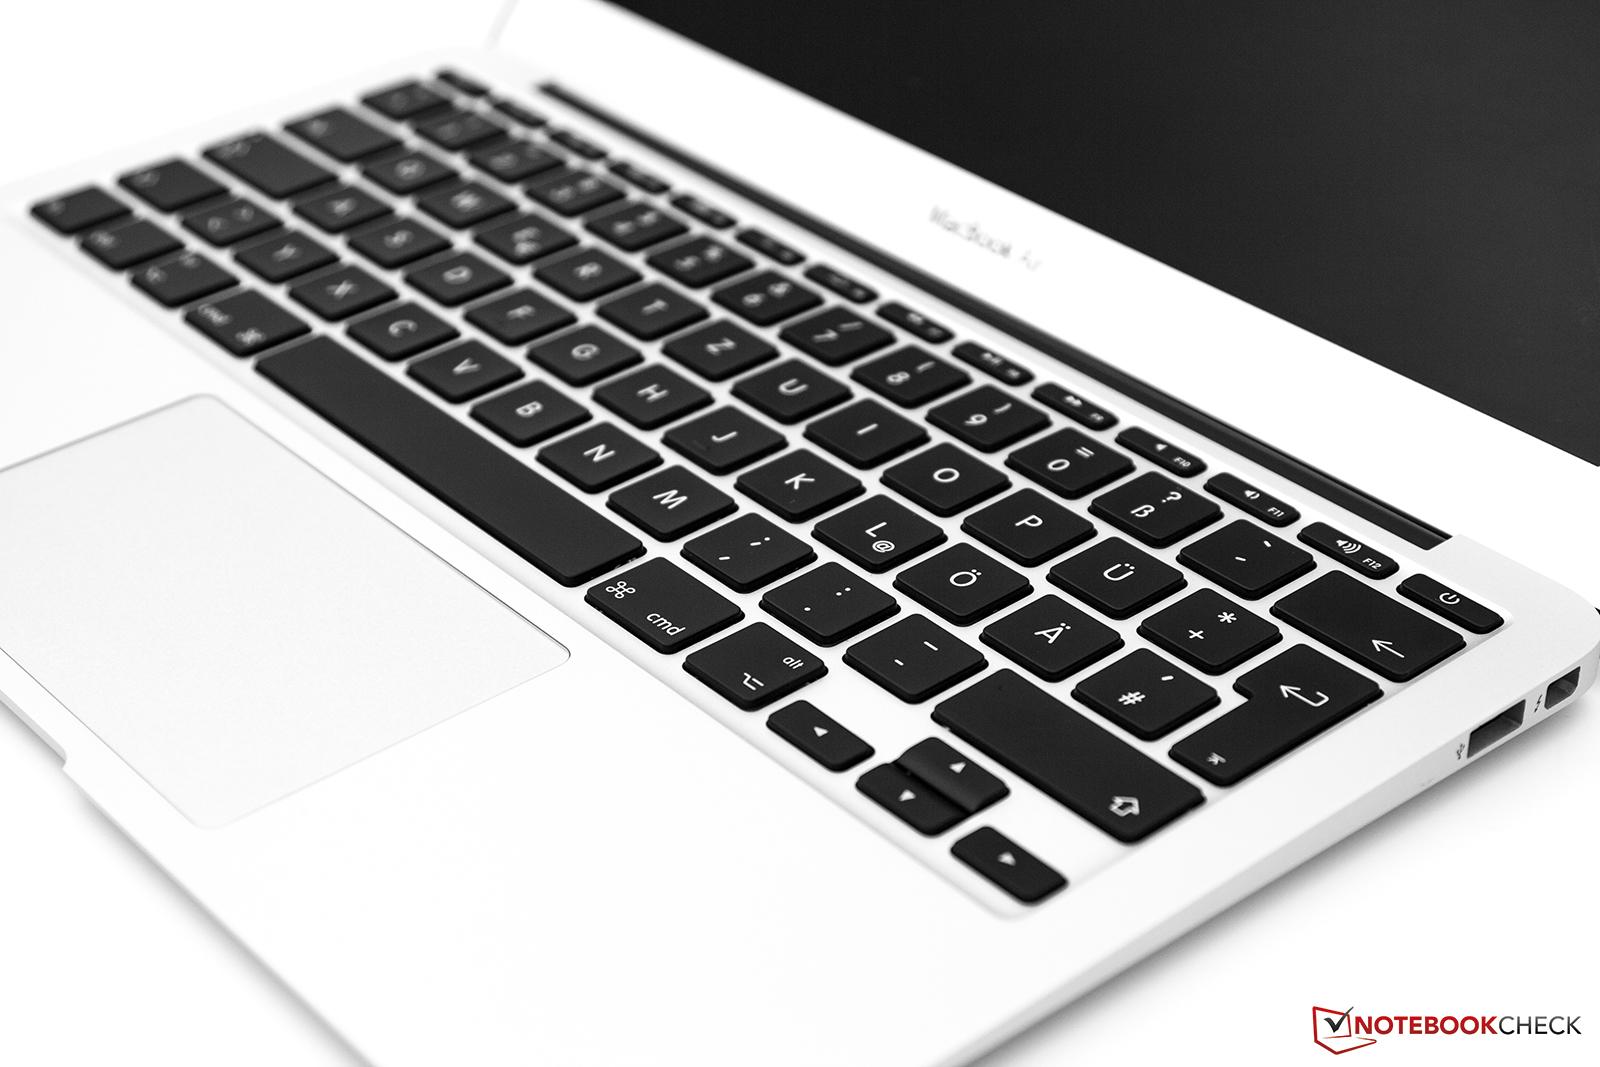 critique compl te du apple macbook air 11 pouces mi 2013 1 7 ghz 256 go. Black Bedroom Furniture Sets. Home Design Ideas